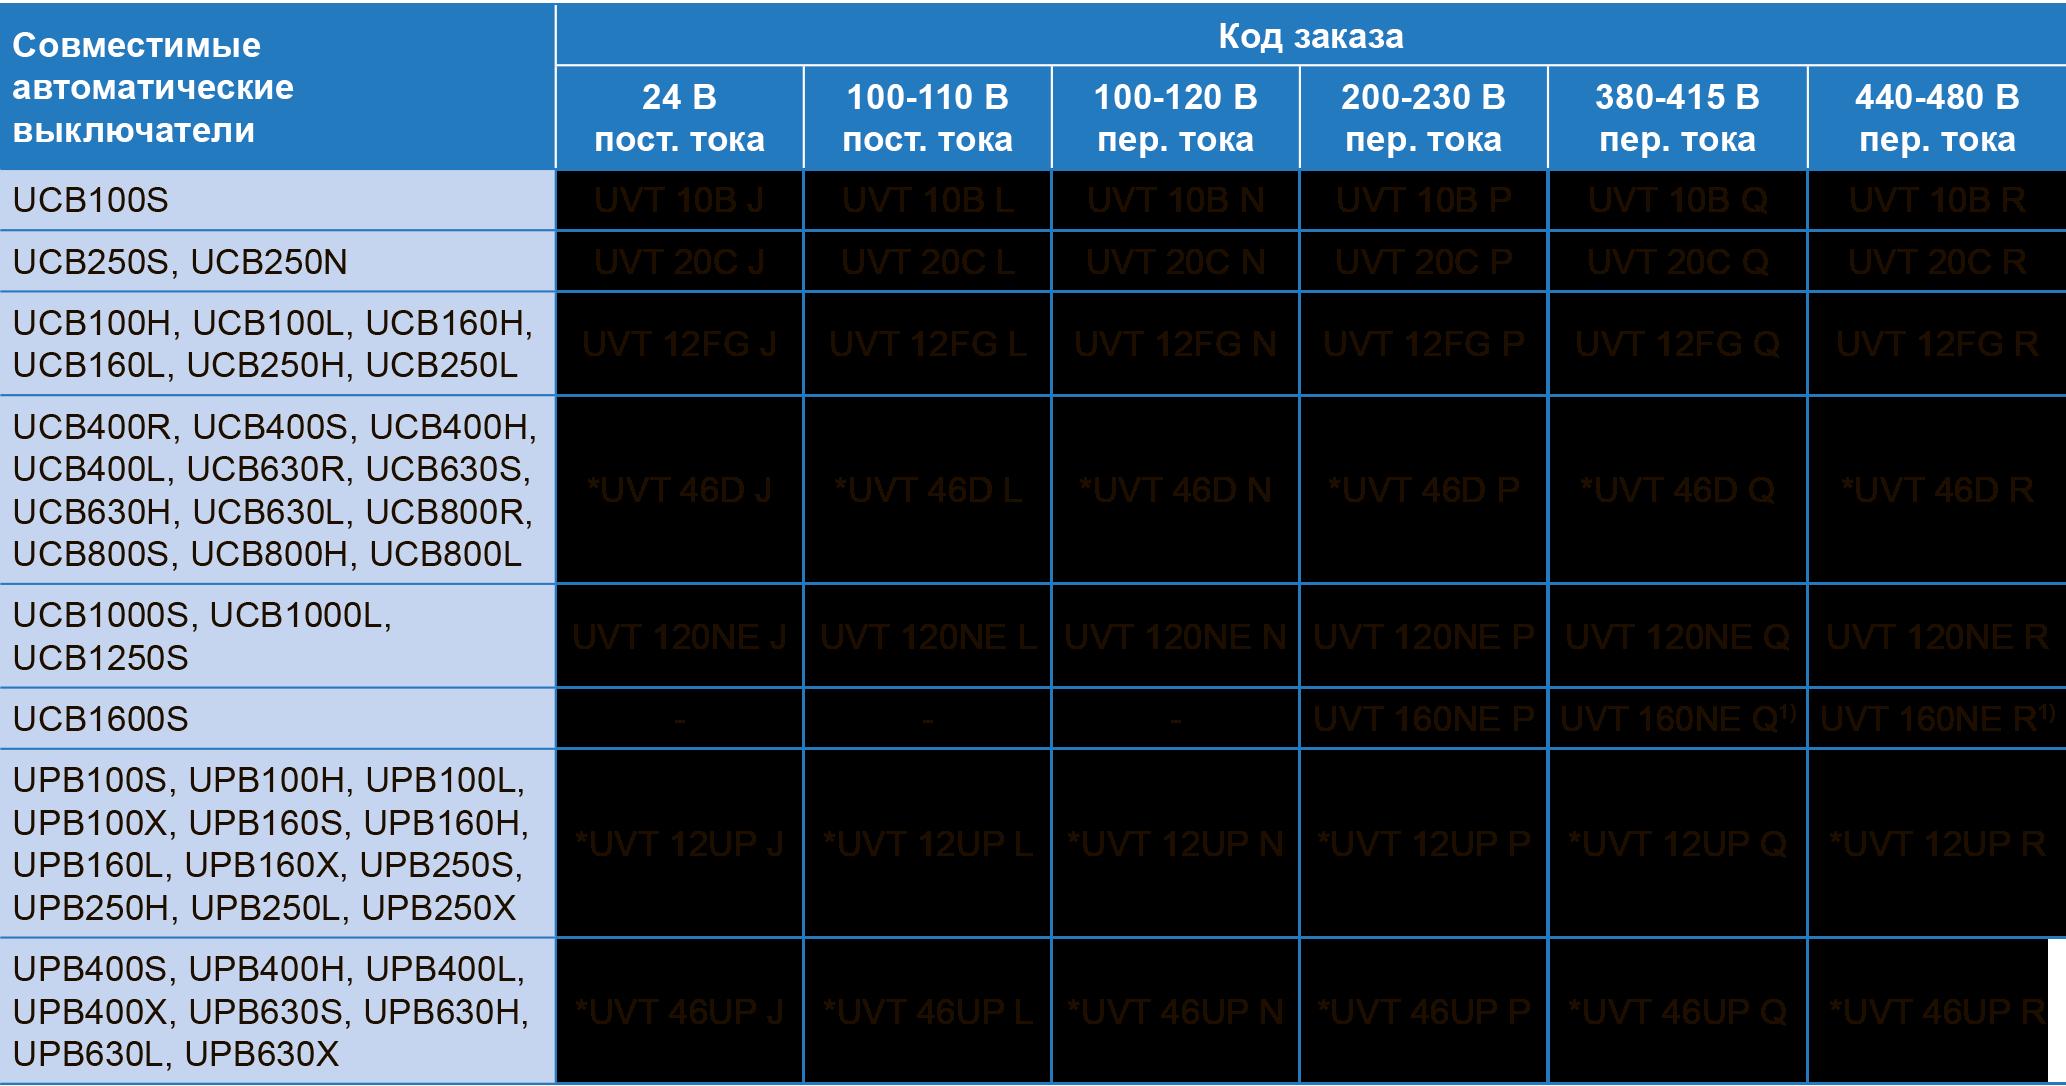 Расцепитель минимального напряжения (UVT) для автоматических выключателей серий UCB, UPB ЧЭАЗ